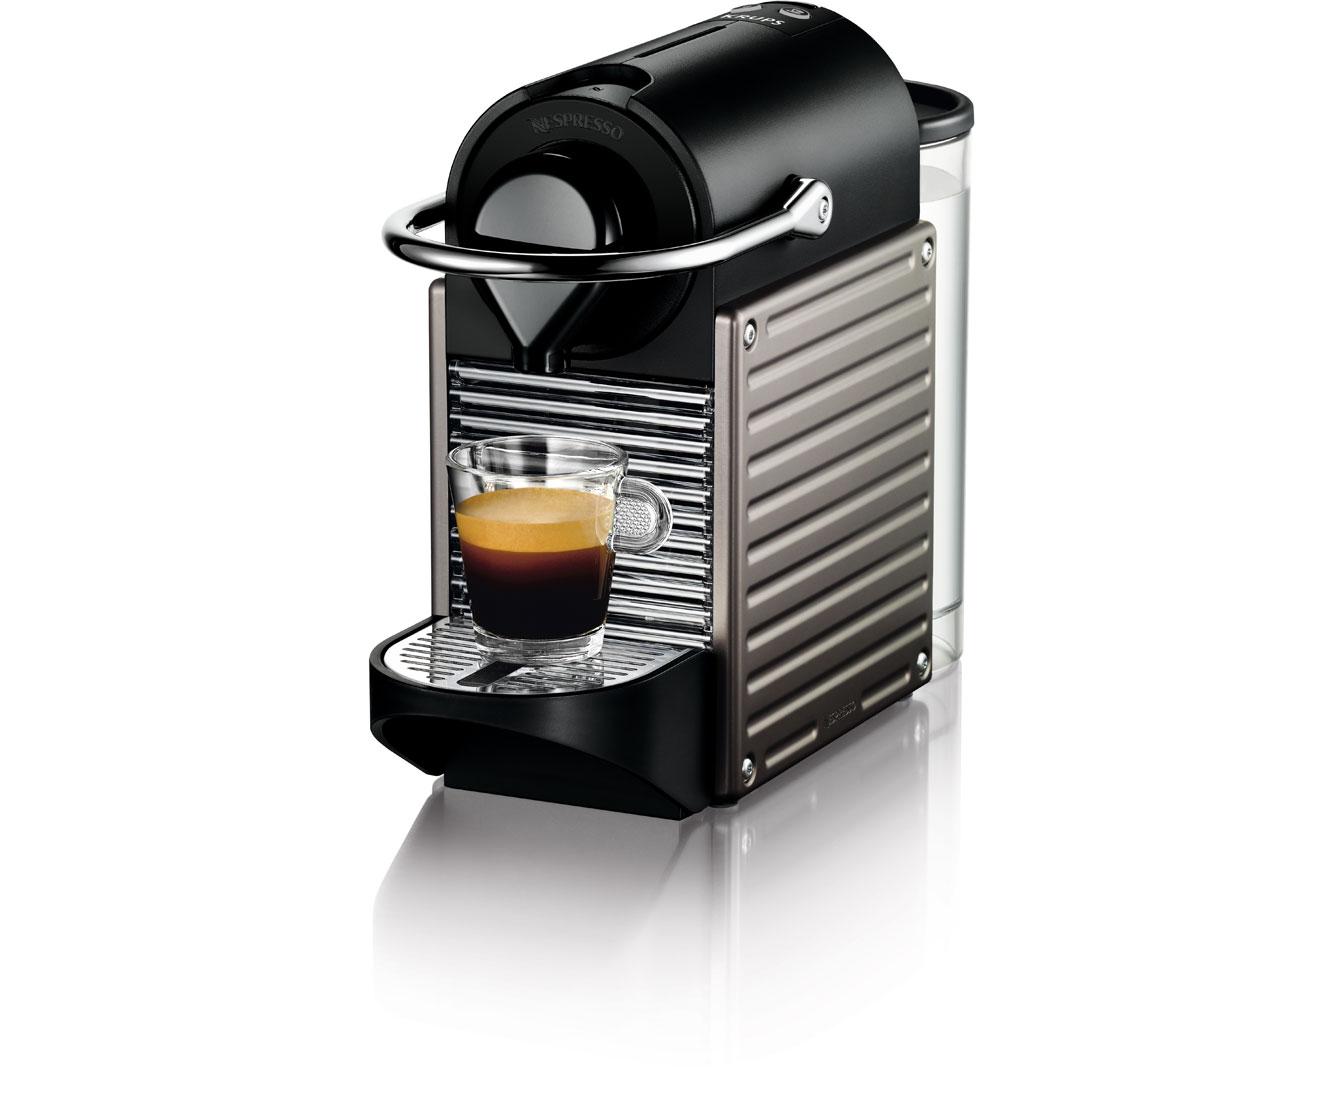 Krups Nespresso Pixie XN 3005 Kaffeemaschinen - Titansilber | Küche und Esszimmer > Kaffee und Tee > Espressomaschinen | Titansilber | Krups Nespresso